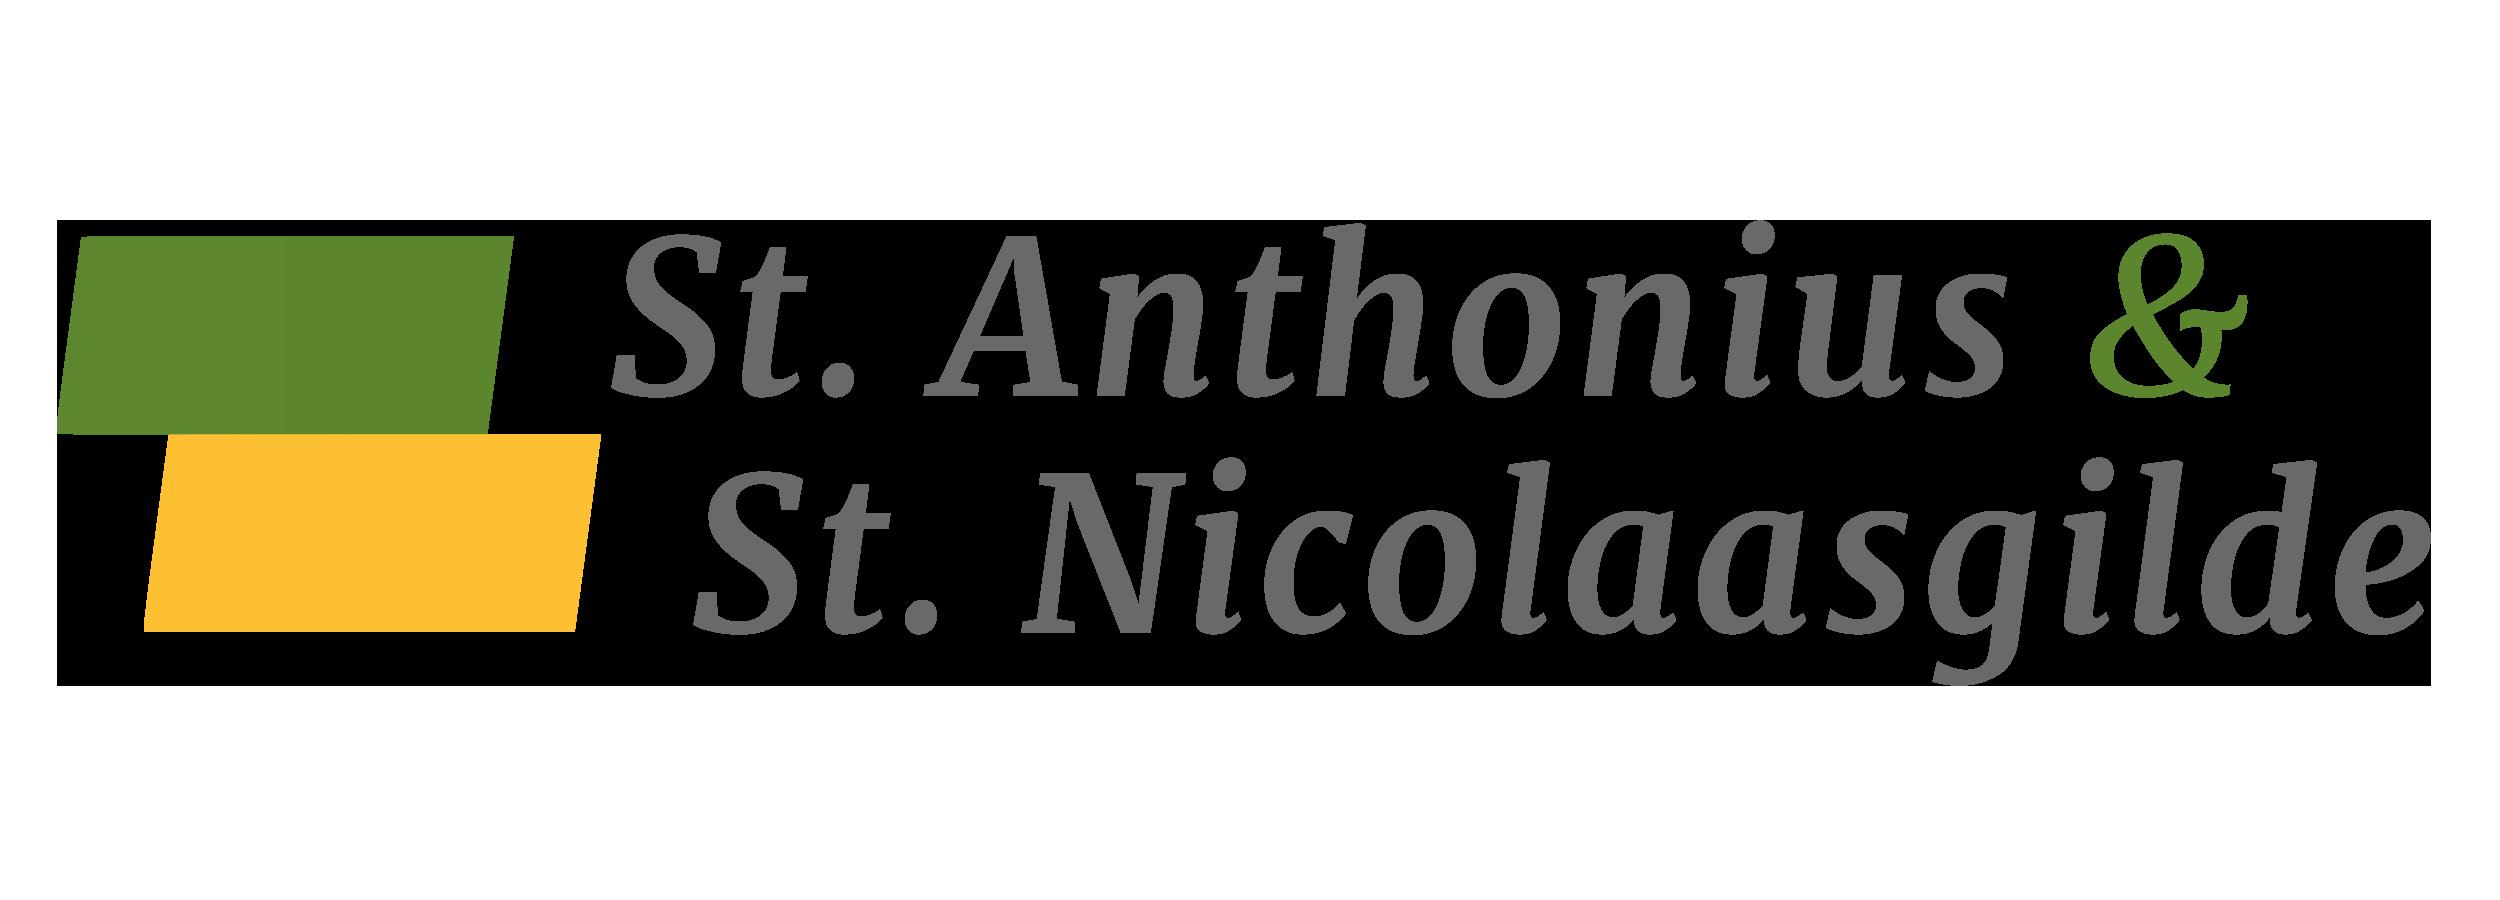 St. Anthonius & St. Nicolaasgilde